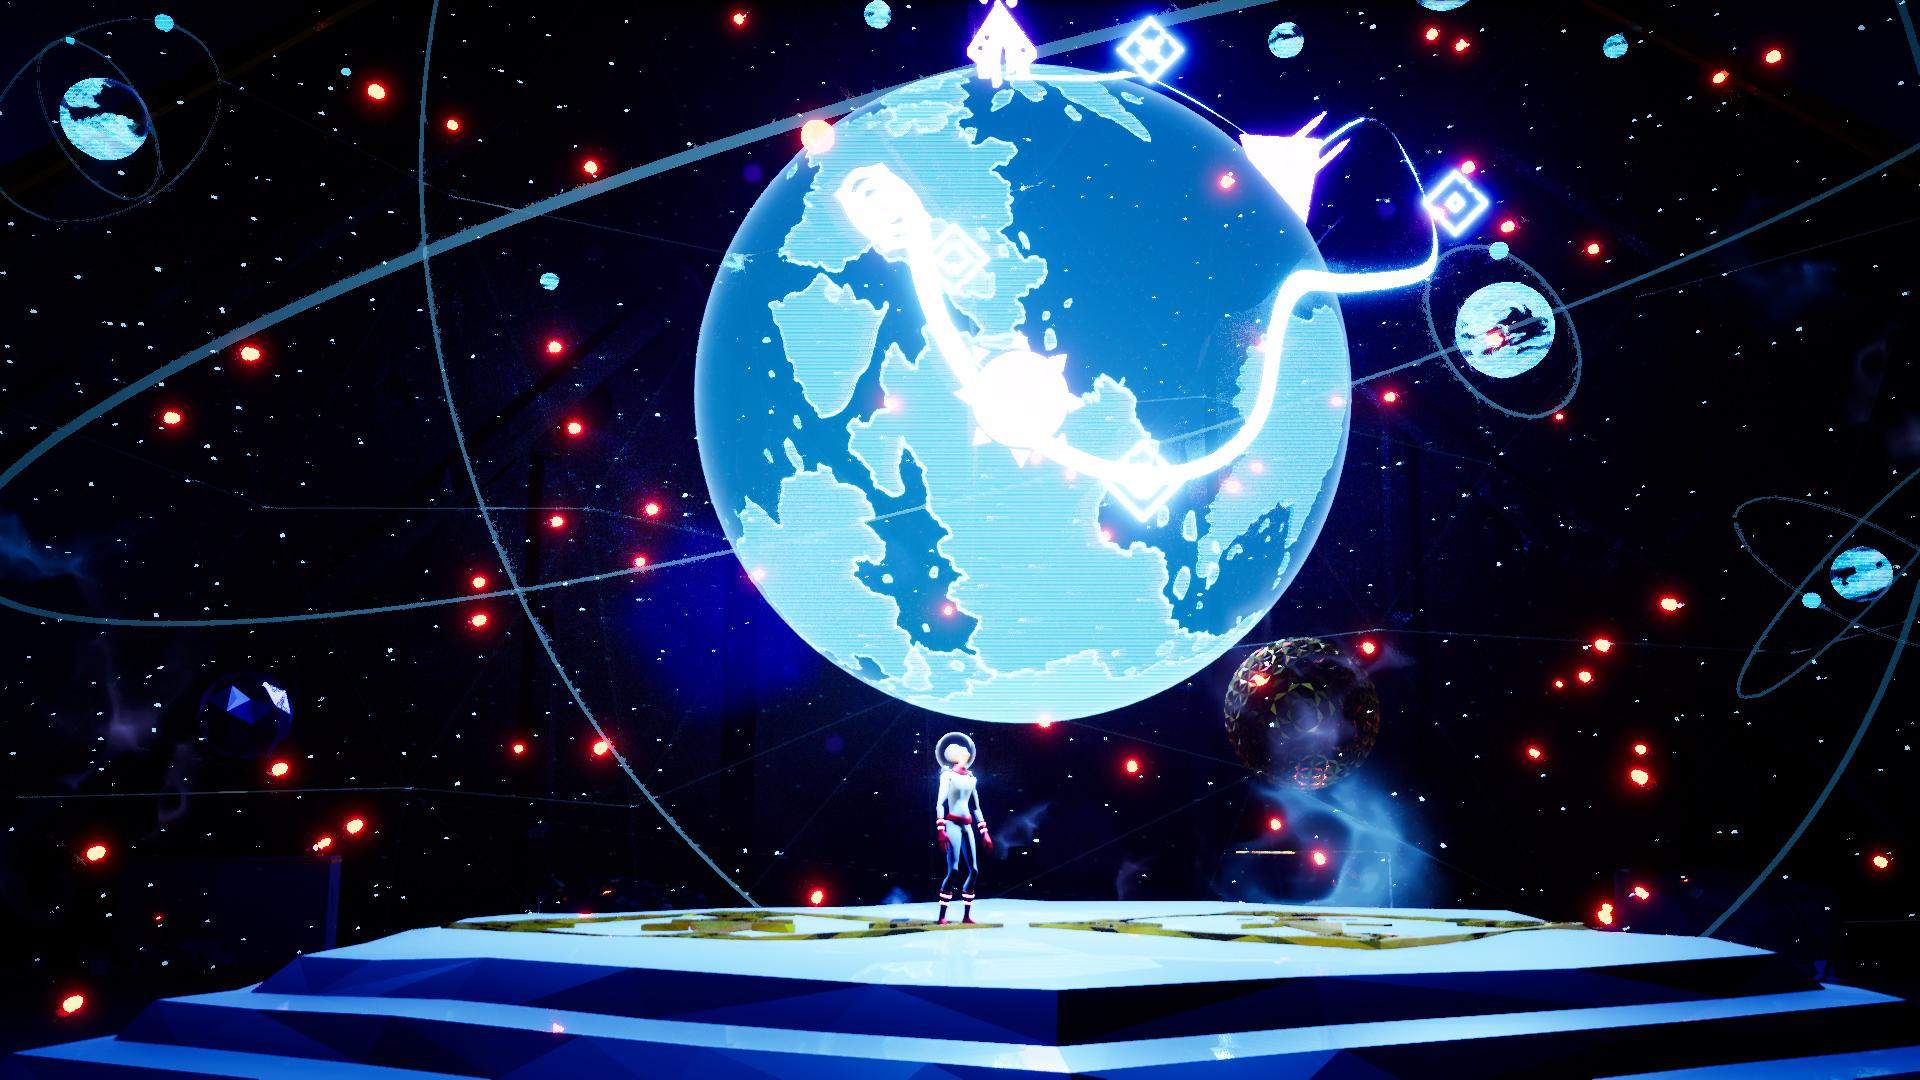 《阿尔法星球》评测:我掌控时间,却不能给你温柔